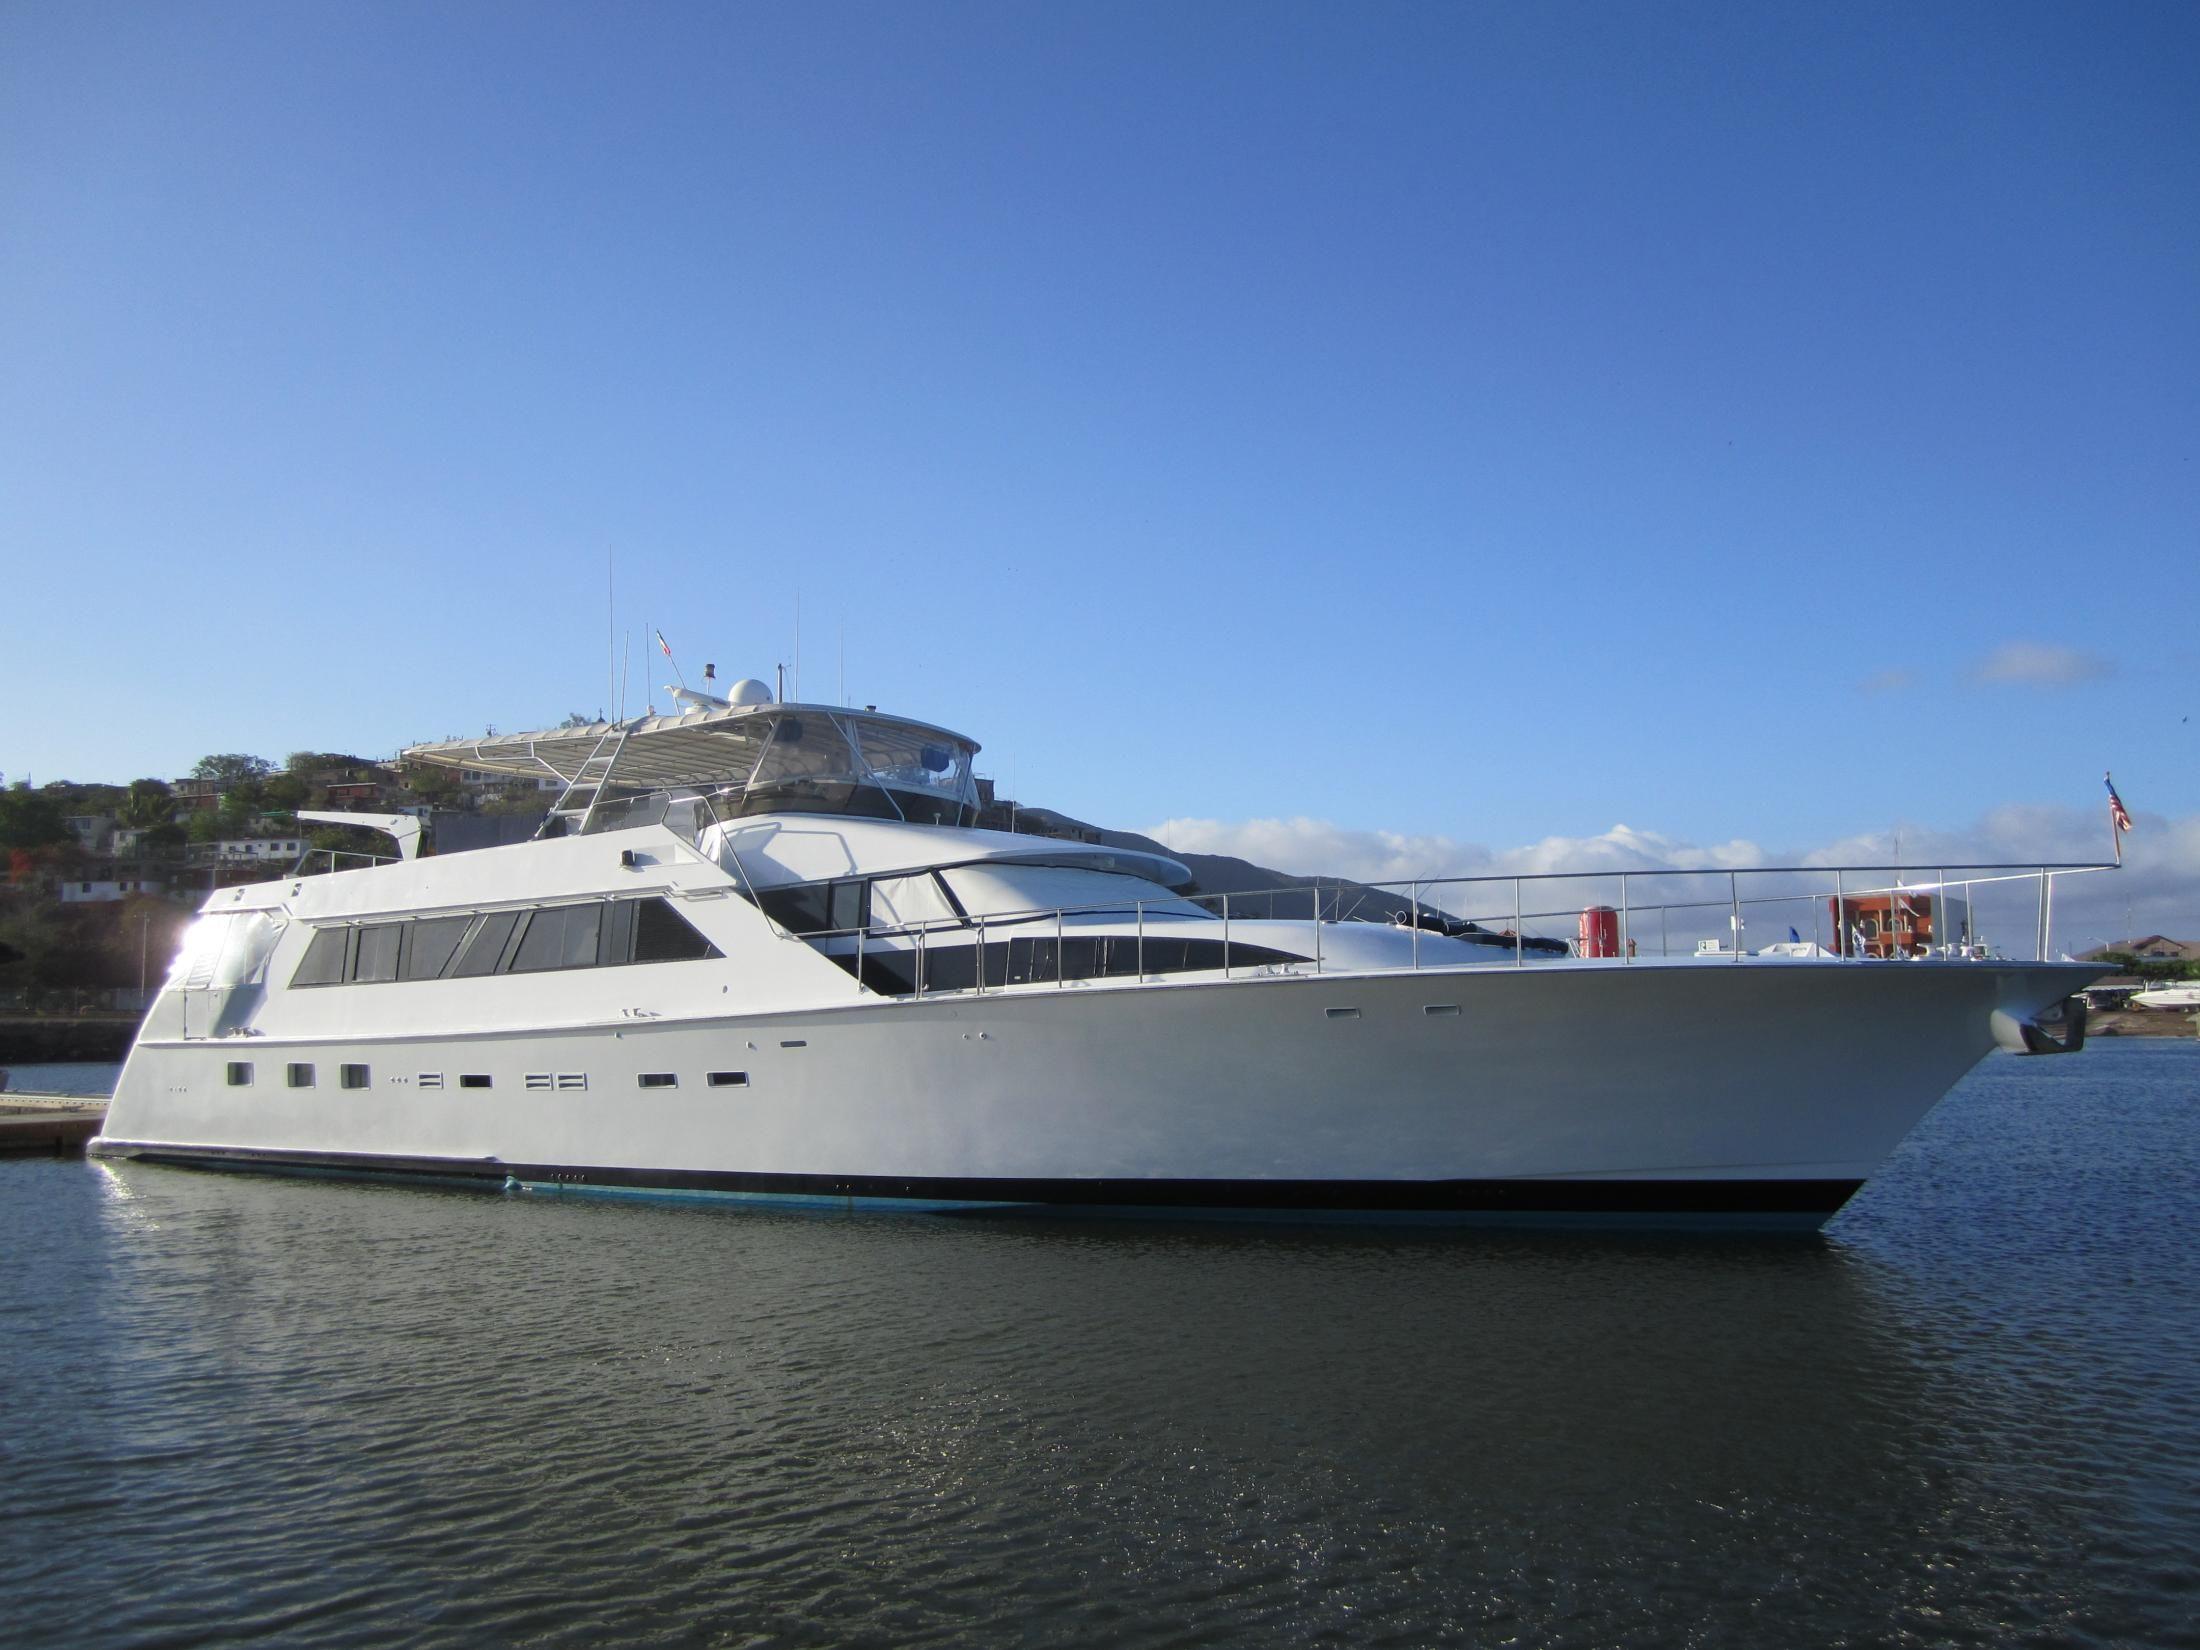 1991 Cheoy Lee Motoryacht Power Boat For Sale Www